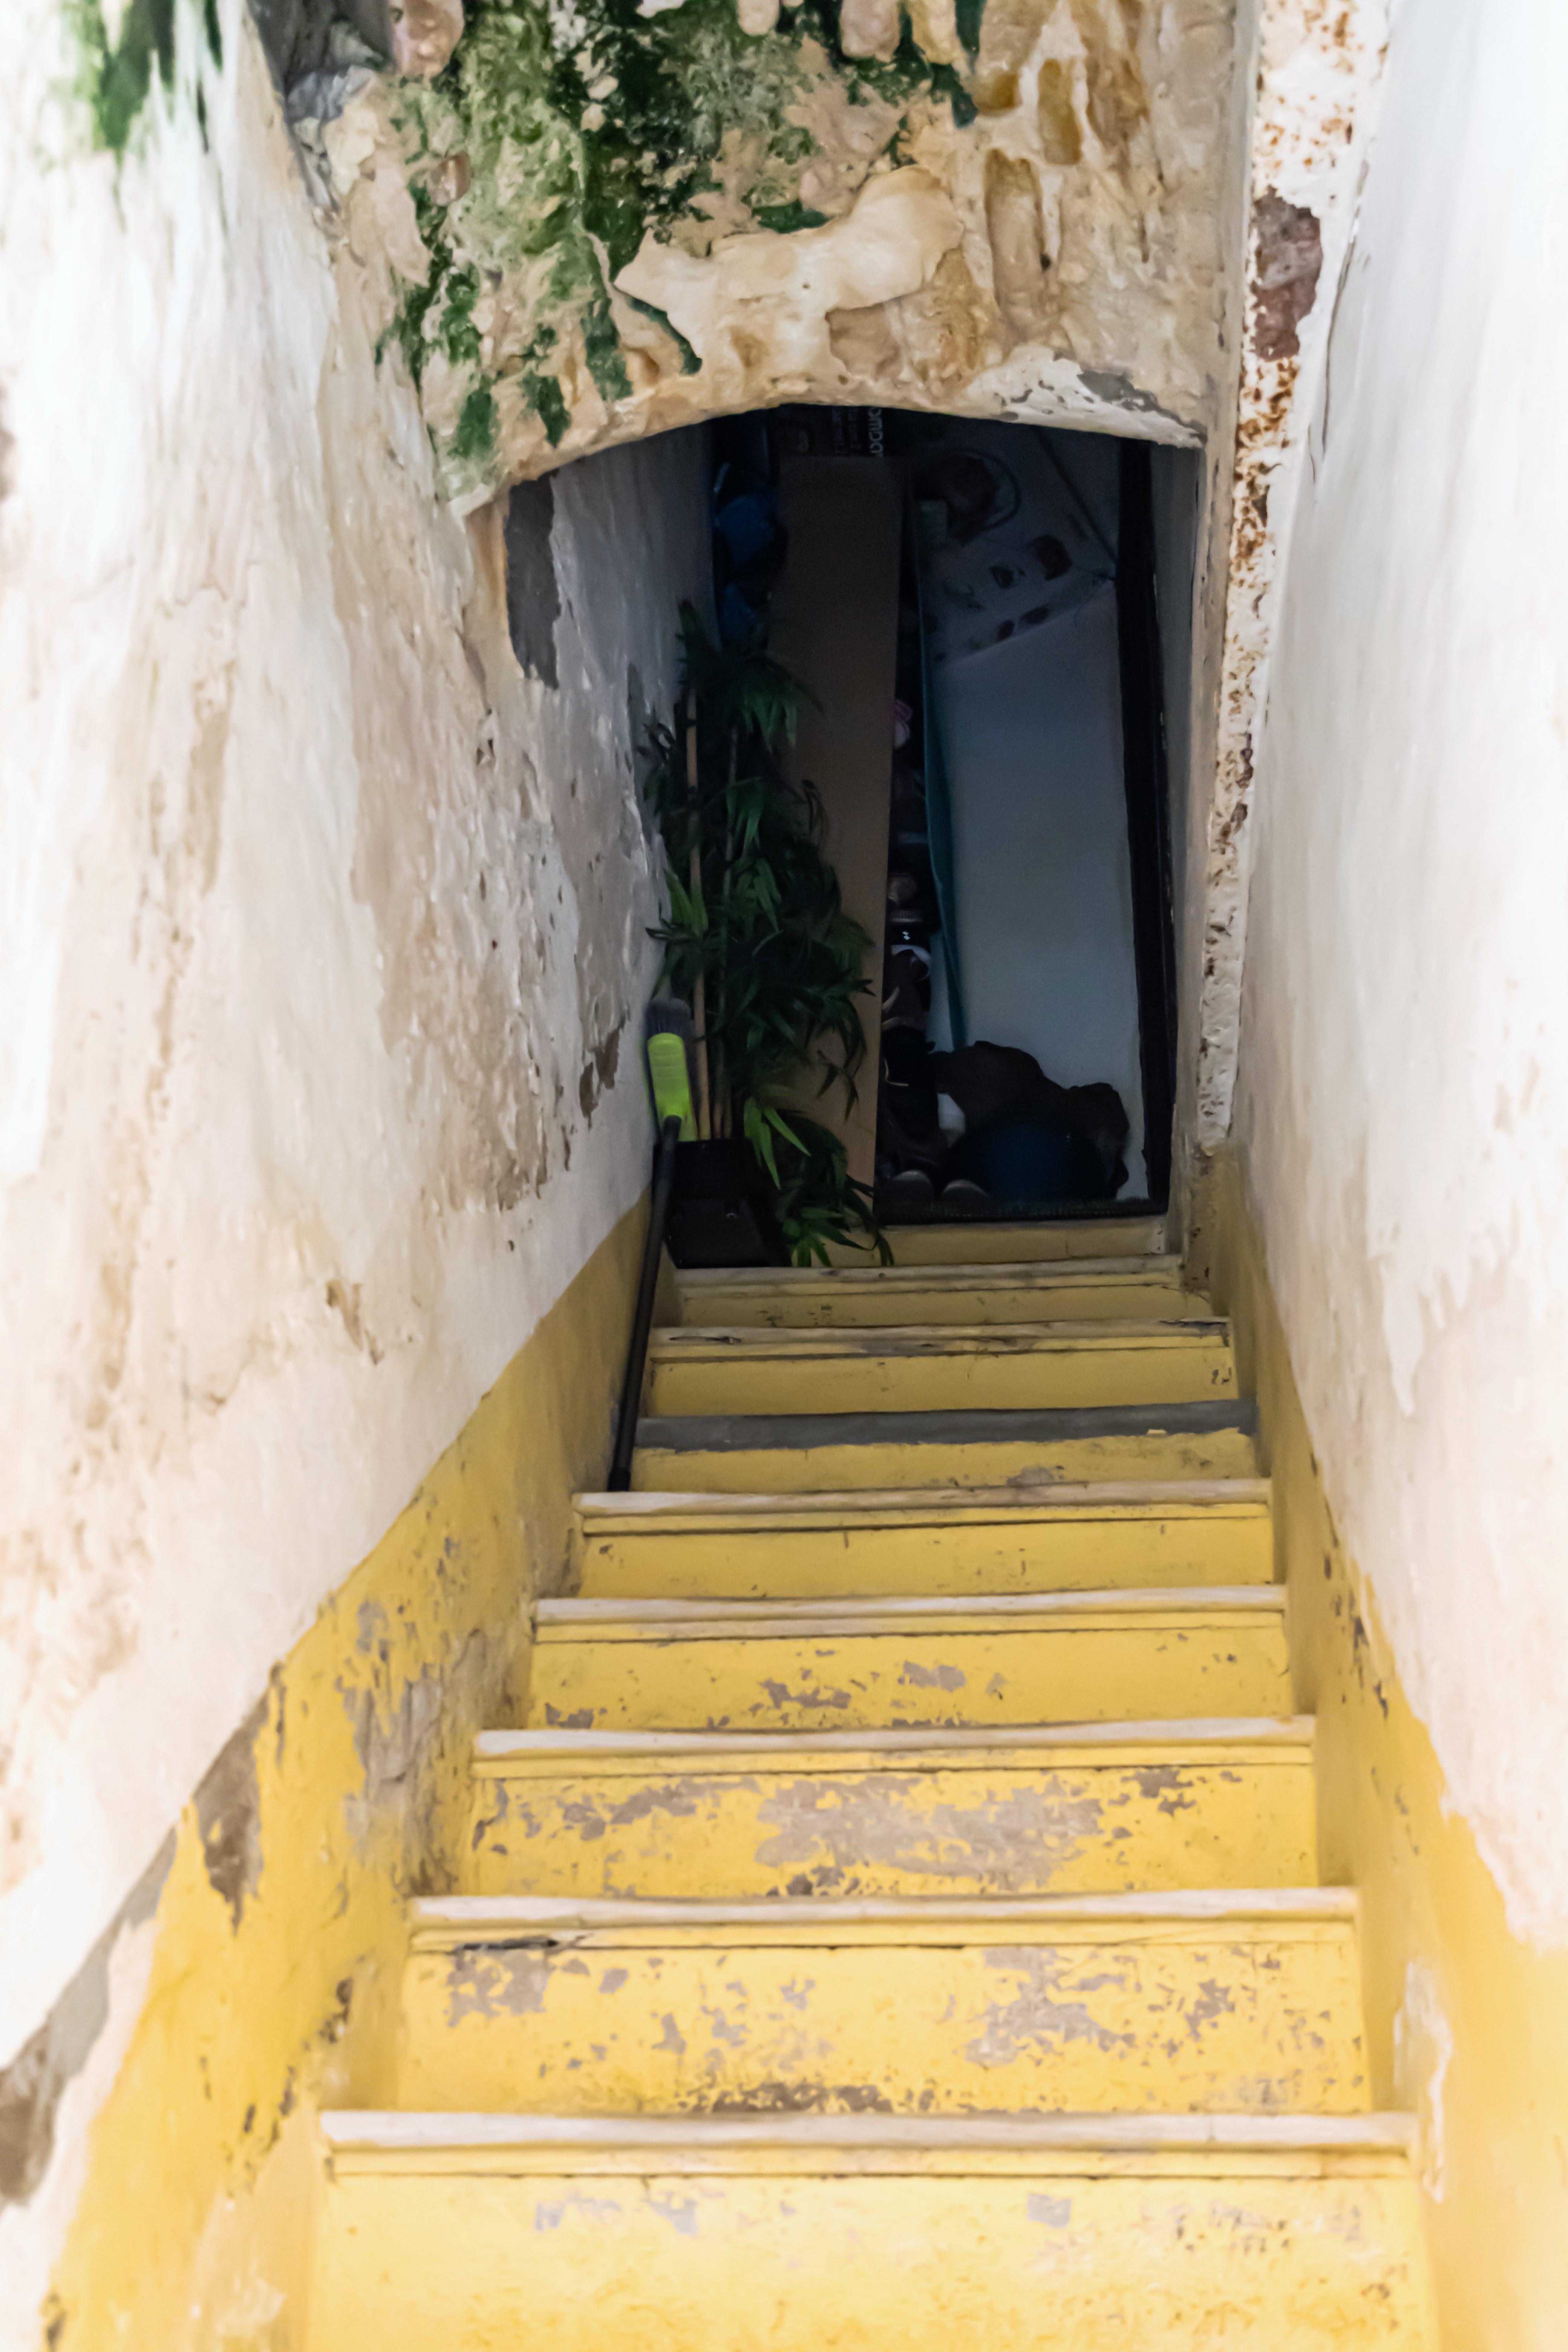 Escalier corse